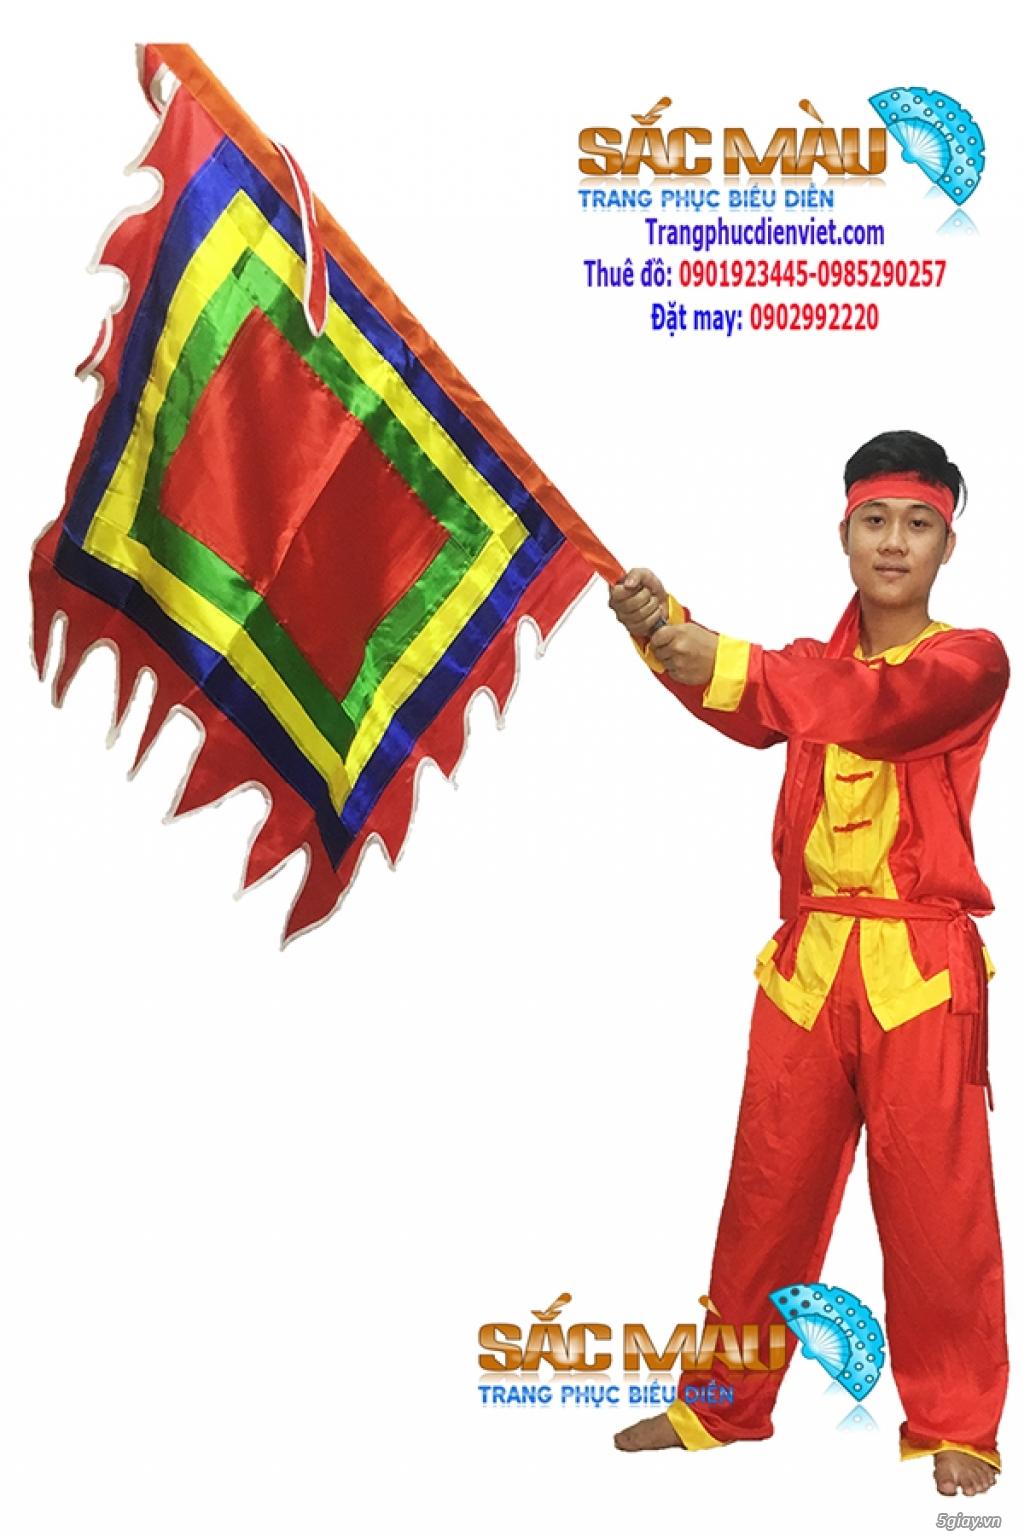 Cho thuê trang phục lính tây sơn giá rẻ quận 12, tphcm - 1